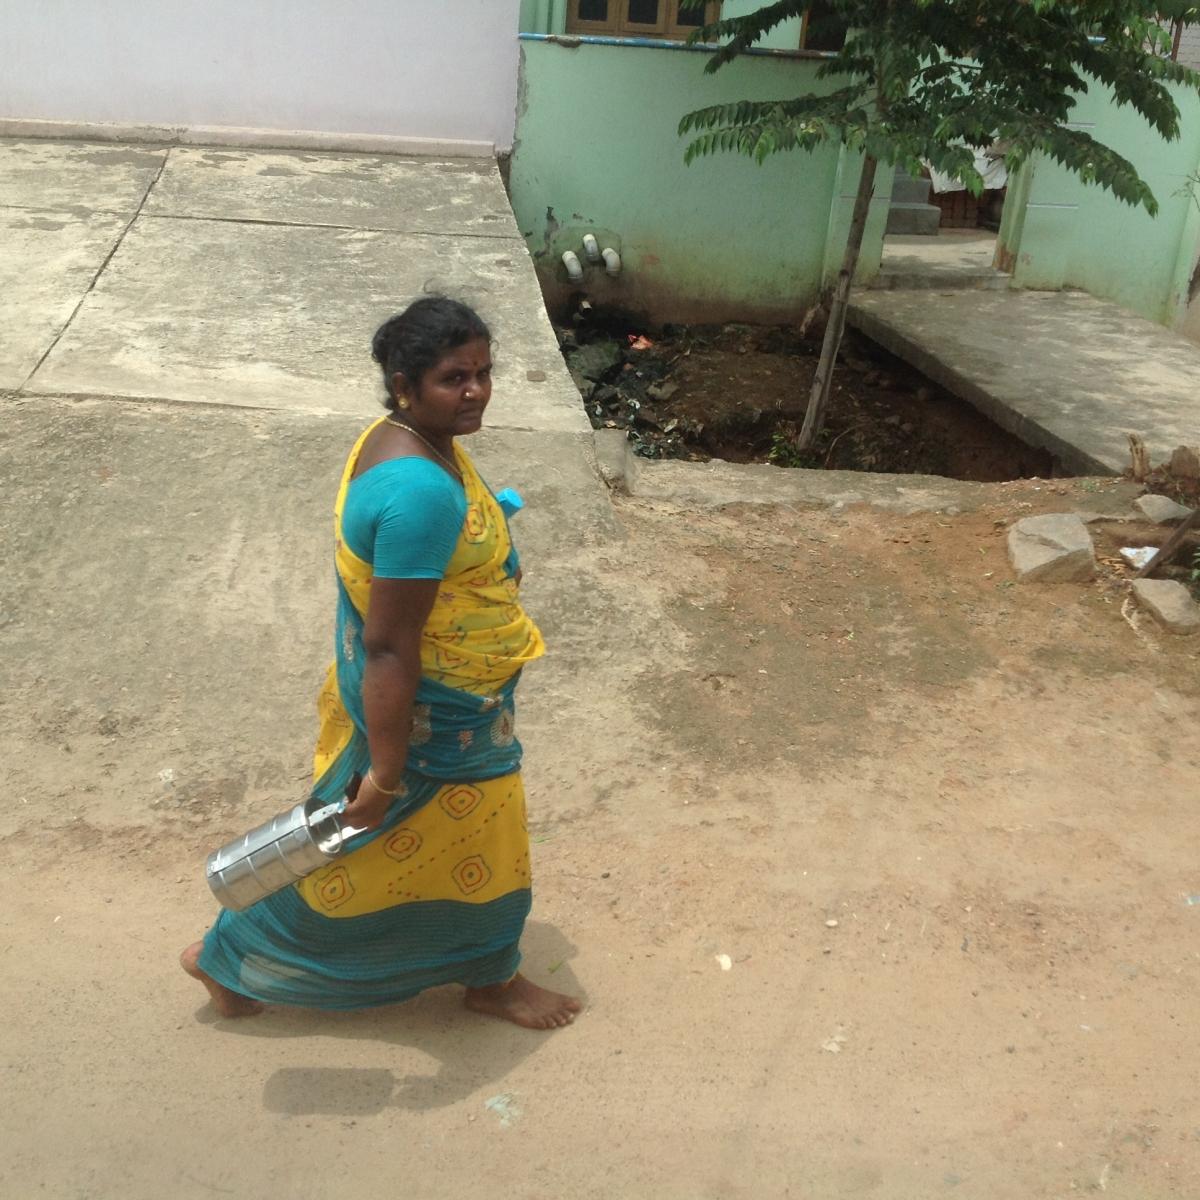 viaggio india racconti fotografie immagini (23)